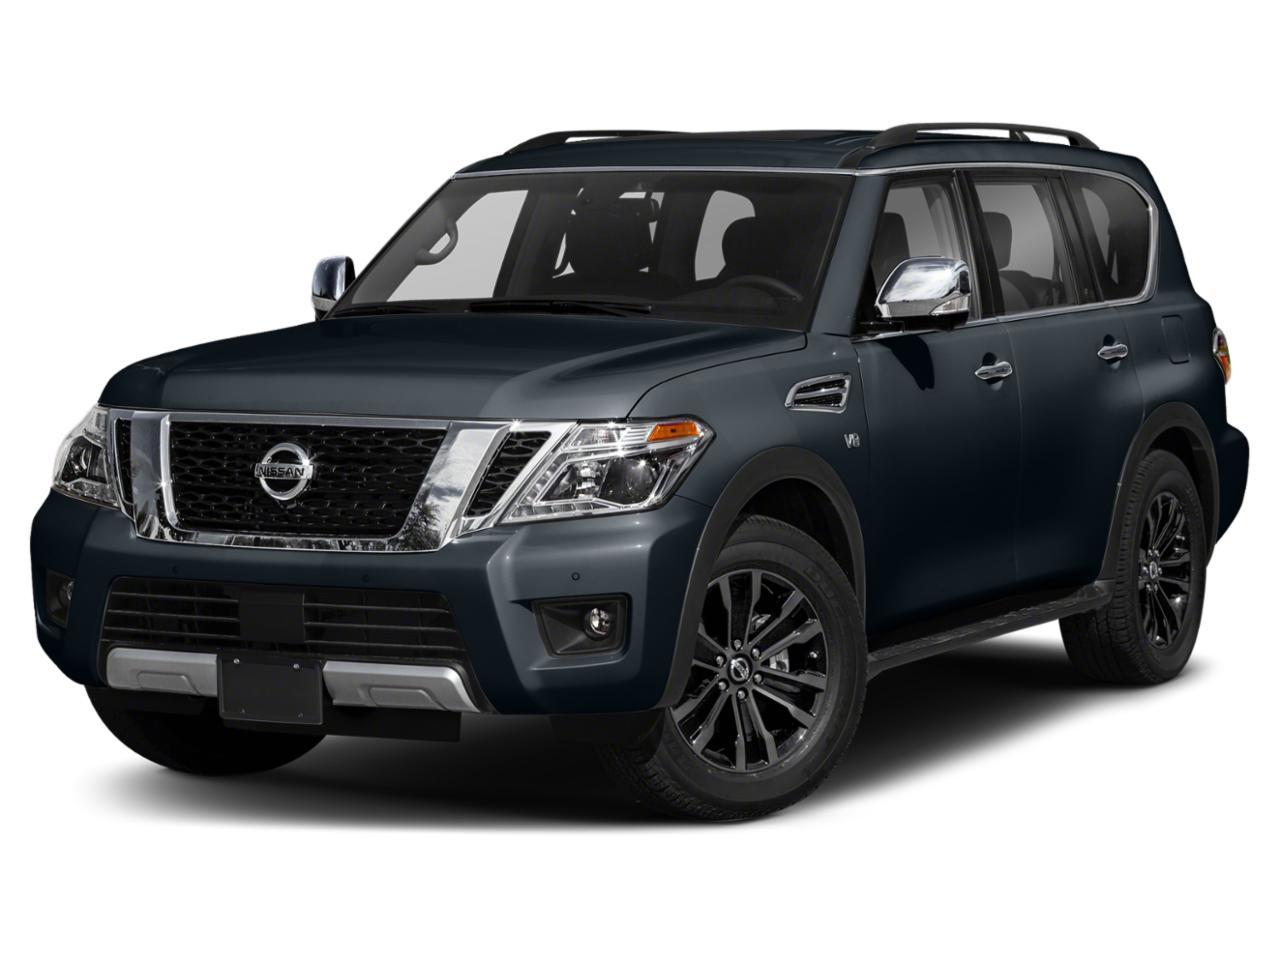 2019 Nissan Armada Vehicle Photo in BATON ROUGE, LA 70809-4546